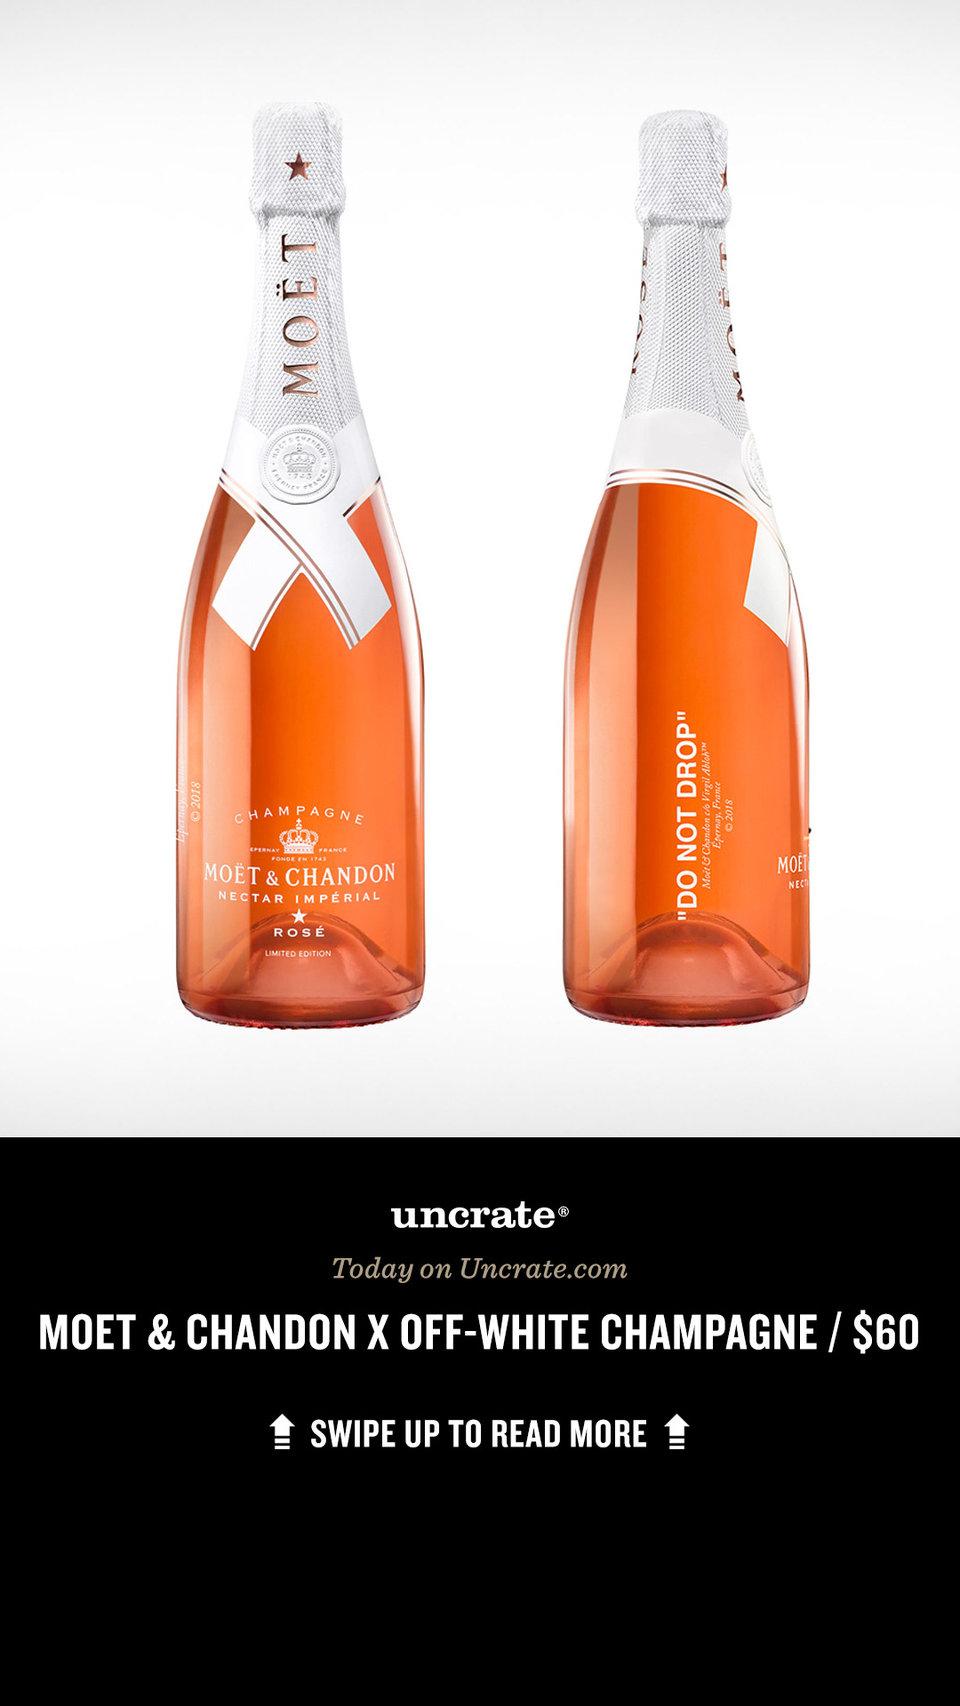 3bac7632e41 Moet Chandon X Off White Impérial Rosé Chagne Uncrate. Virgil Abloh ...